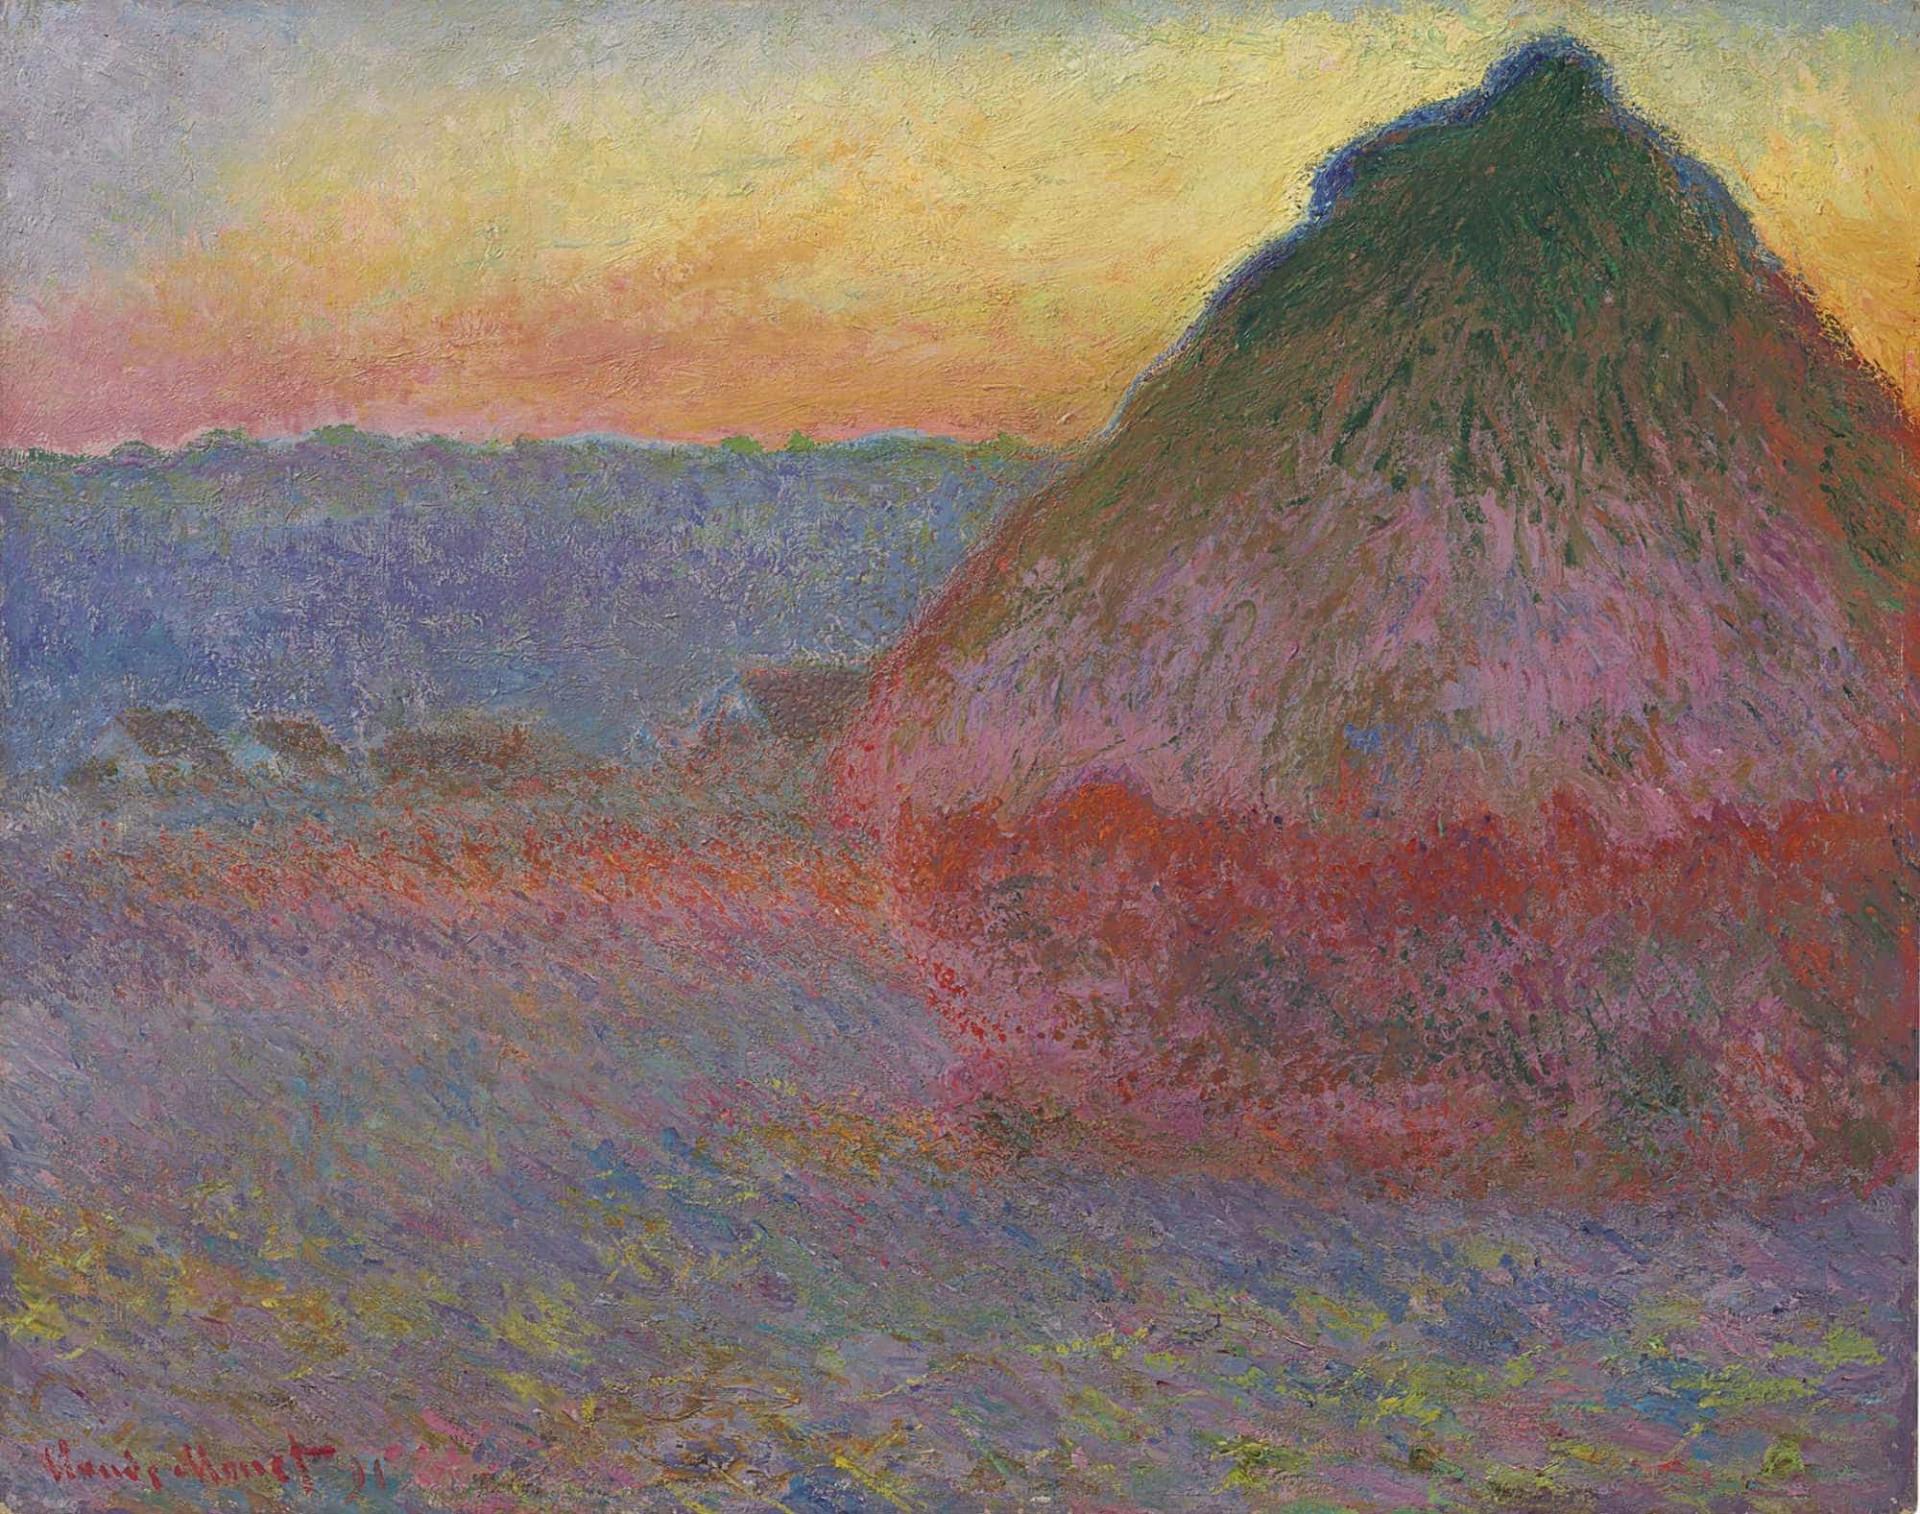 'Fardo de palha' de Monet pode valer mais de 40 milhões em leilão